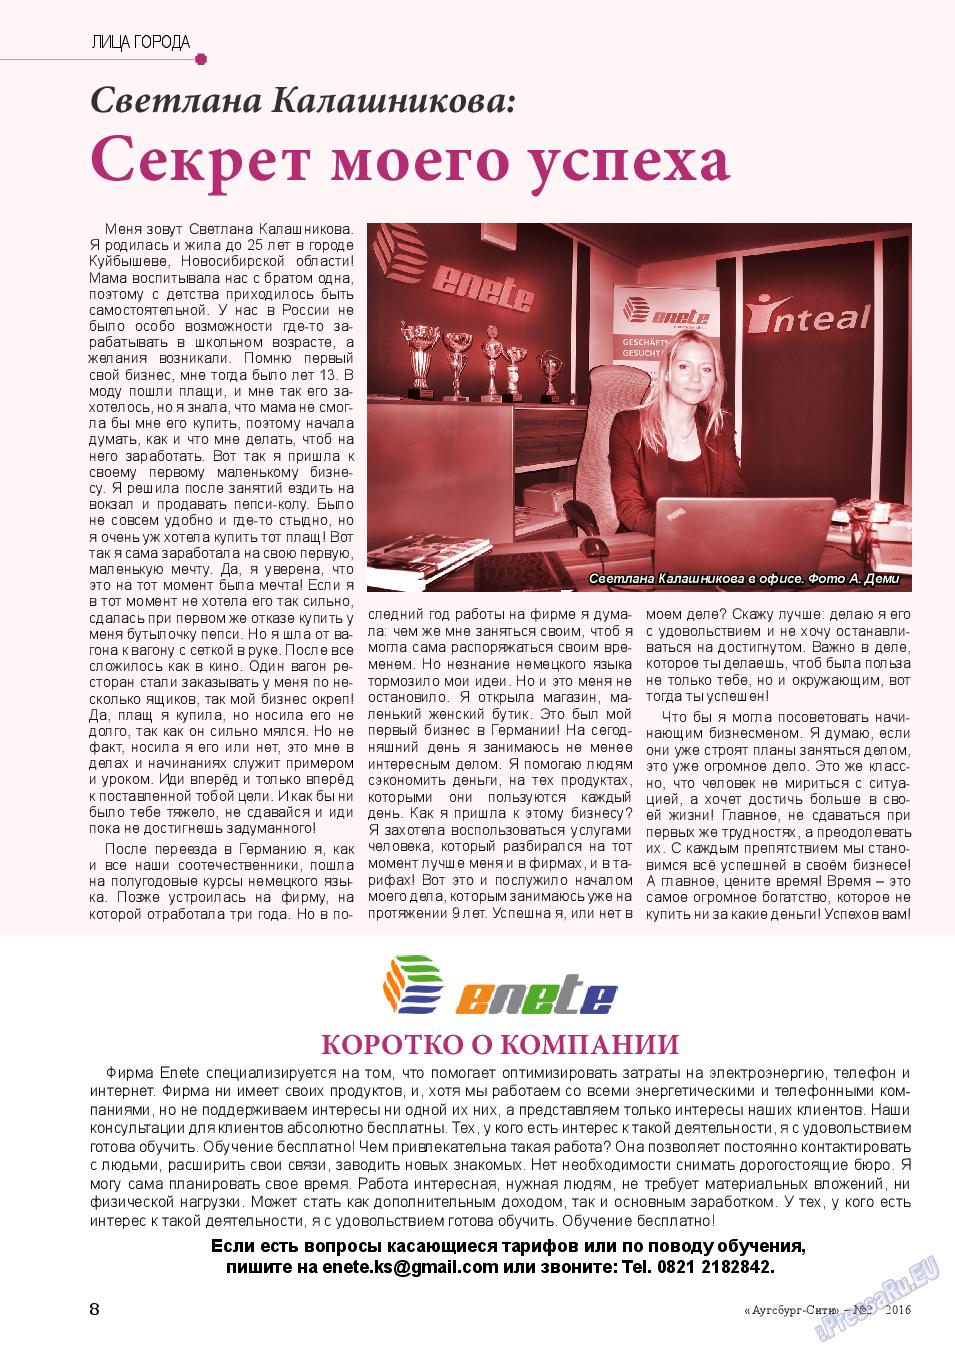 Аугсбург-сити (журнал). 2016 год, номер 2, стр. 8